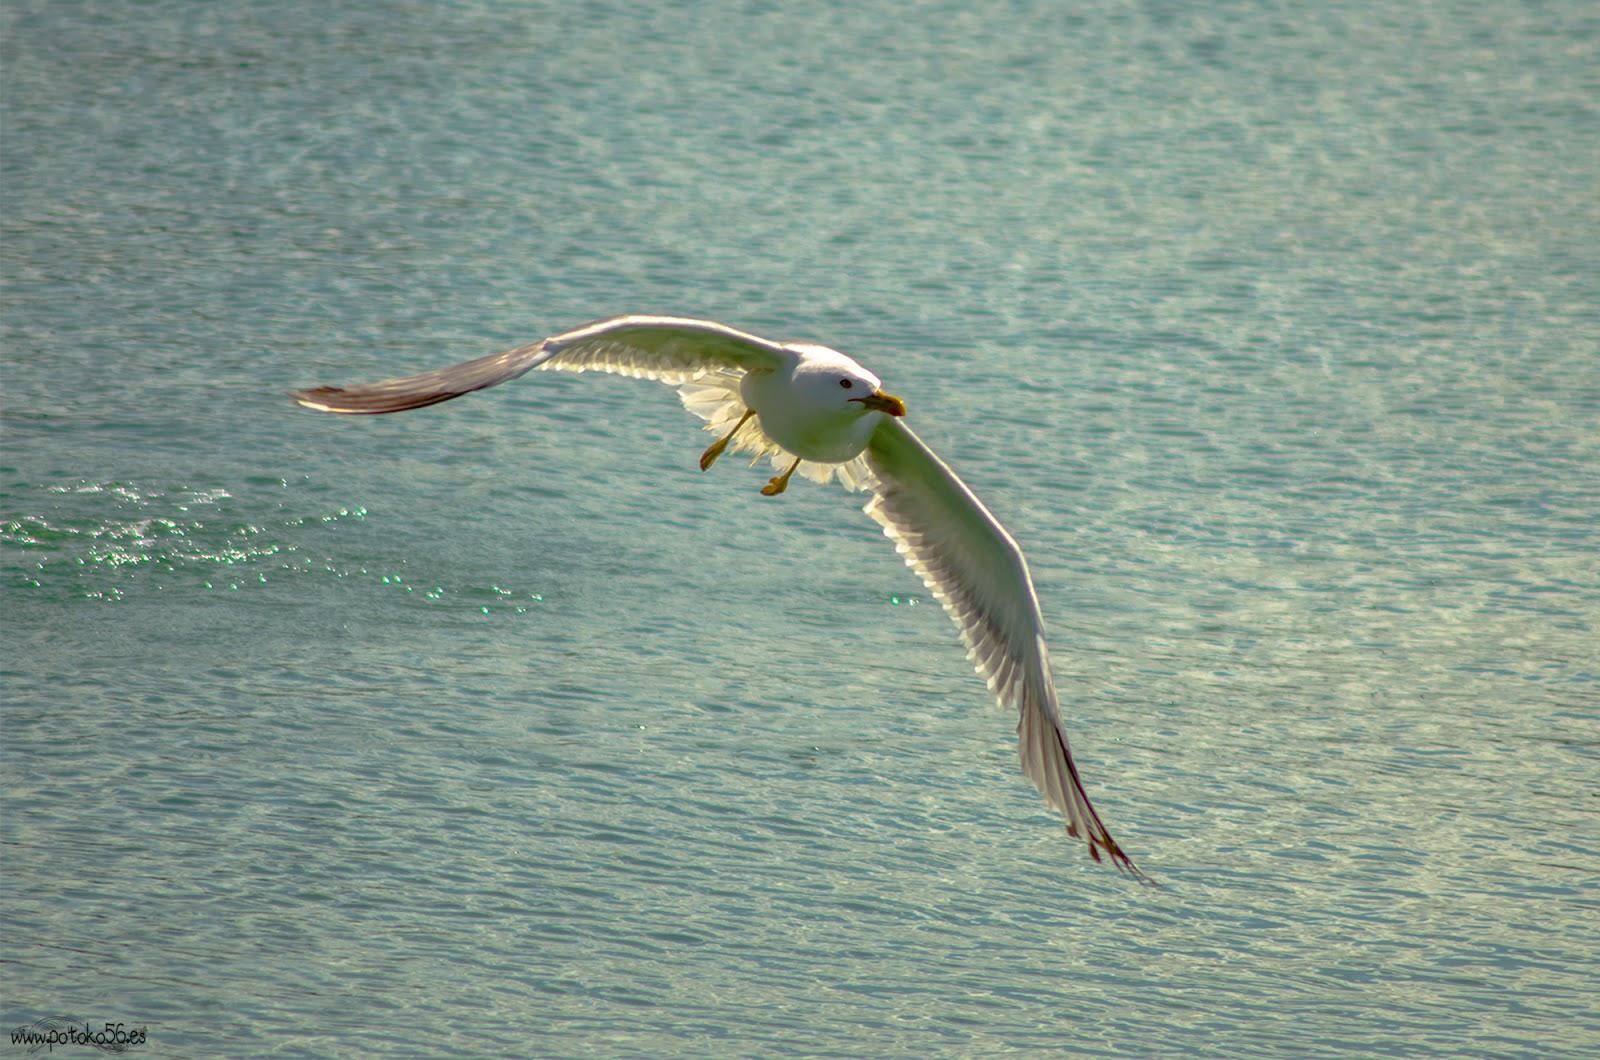 una gaviota en la dársena del muelle de Rota alzando el vuelo